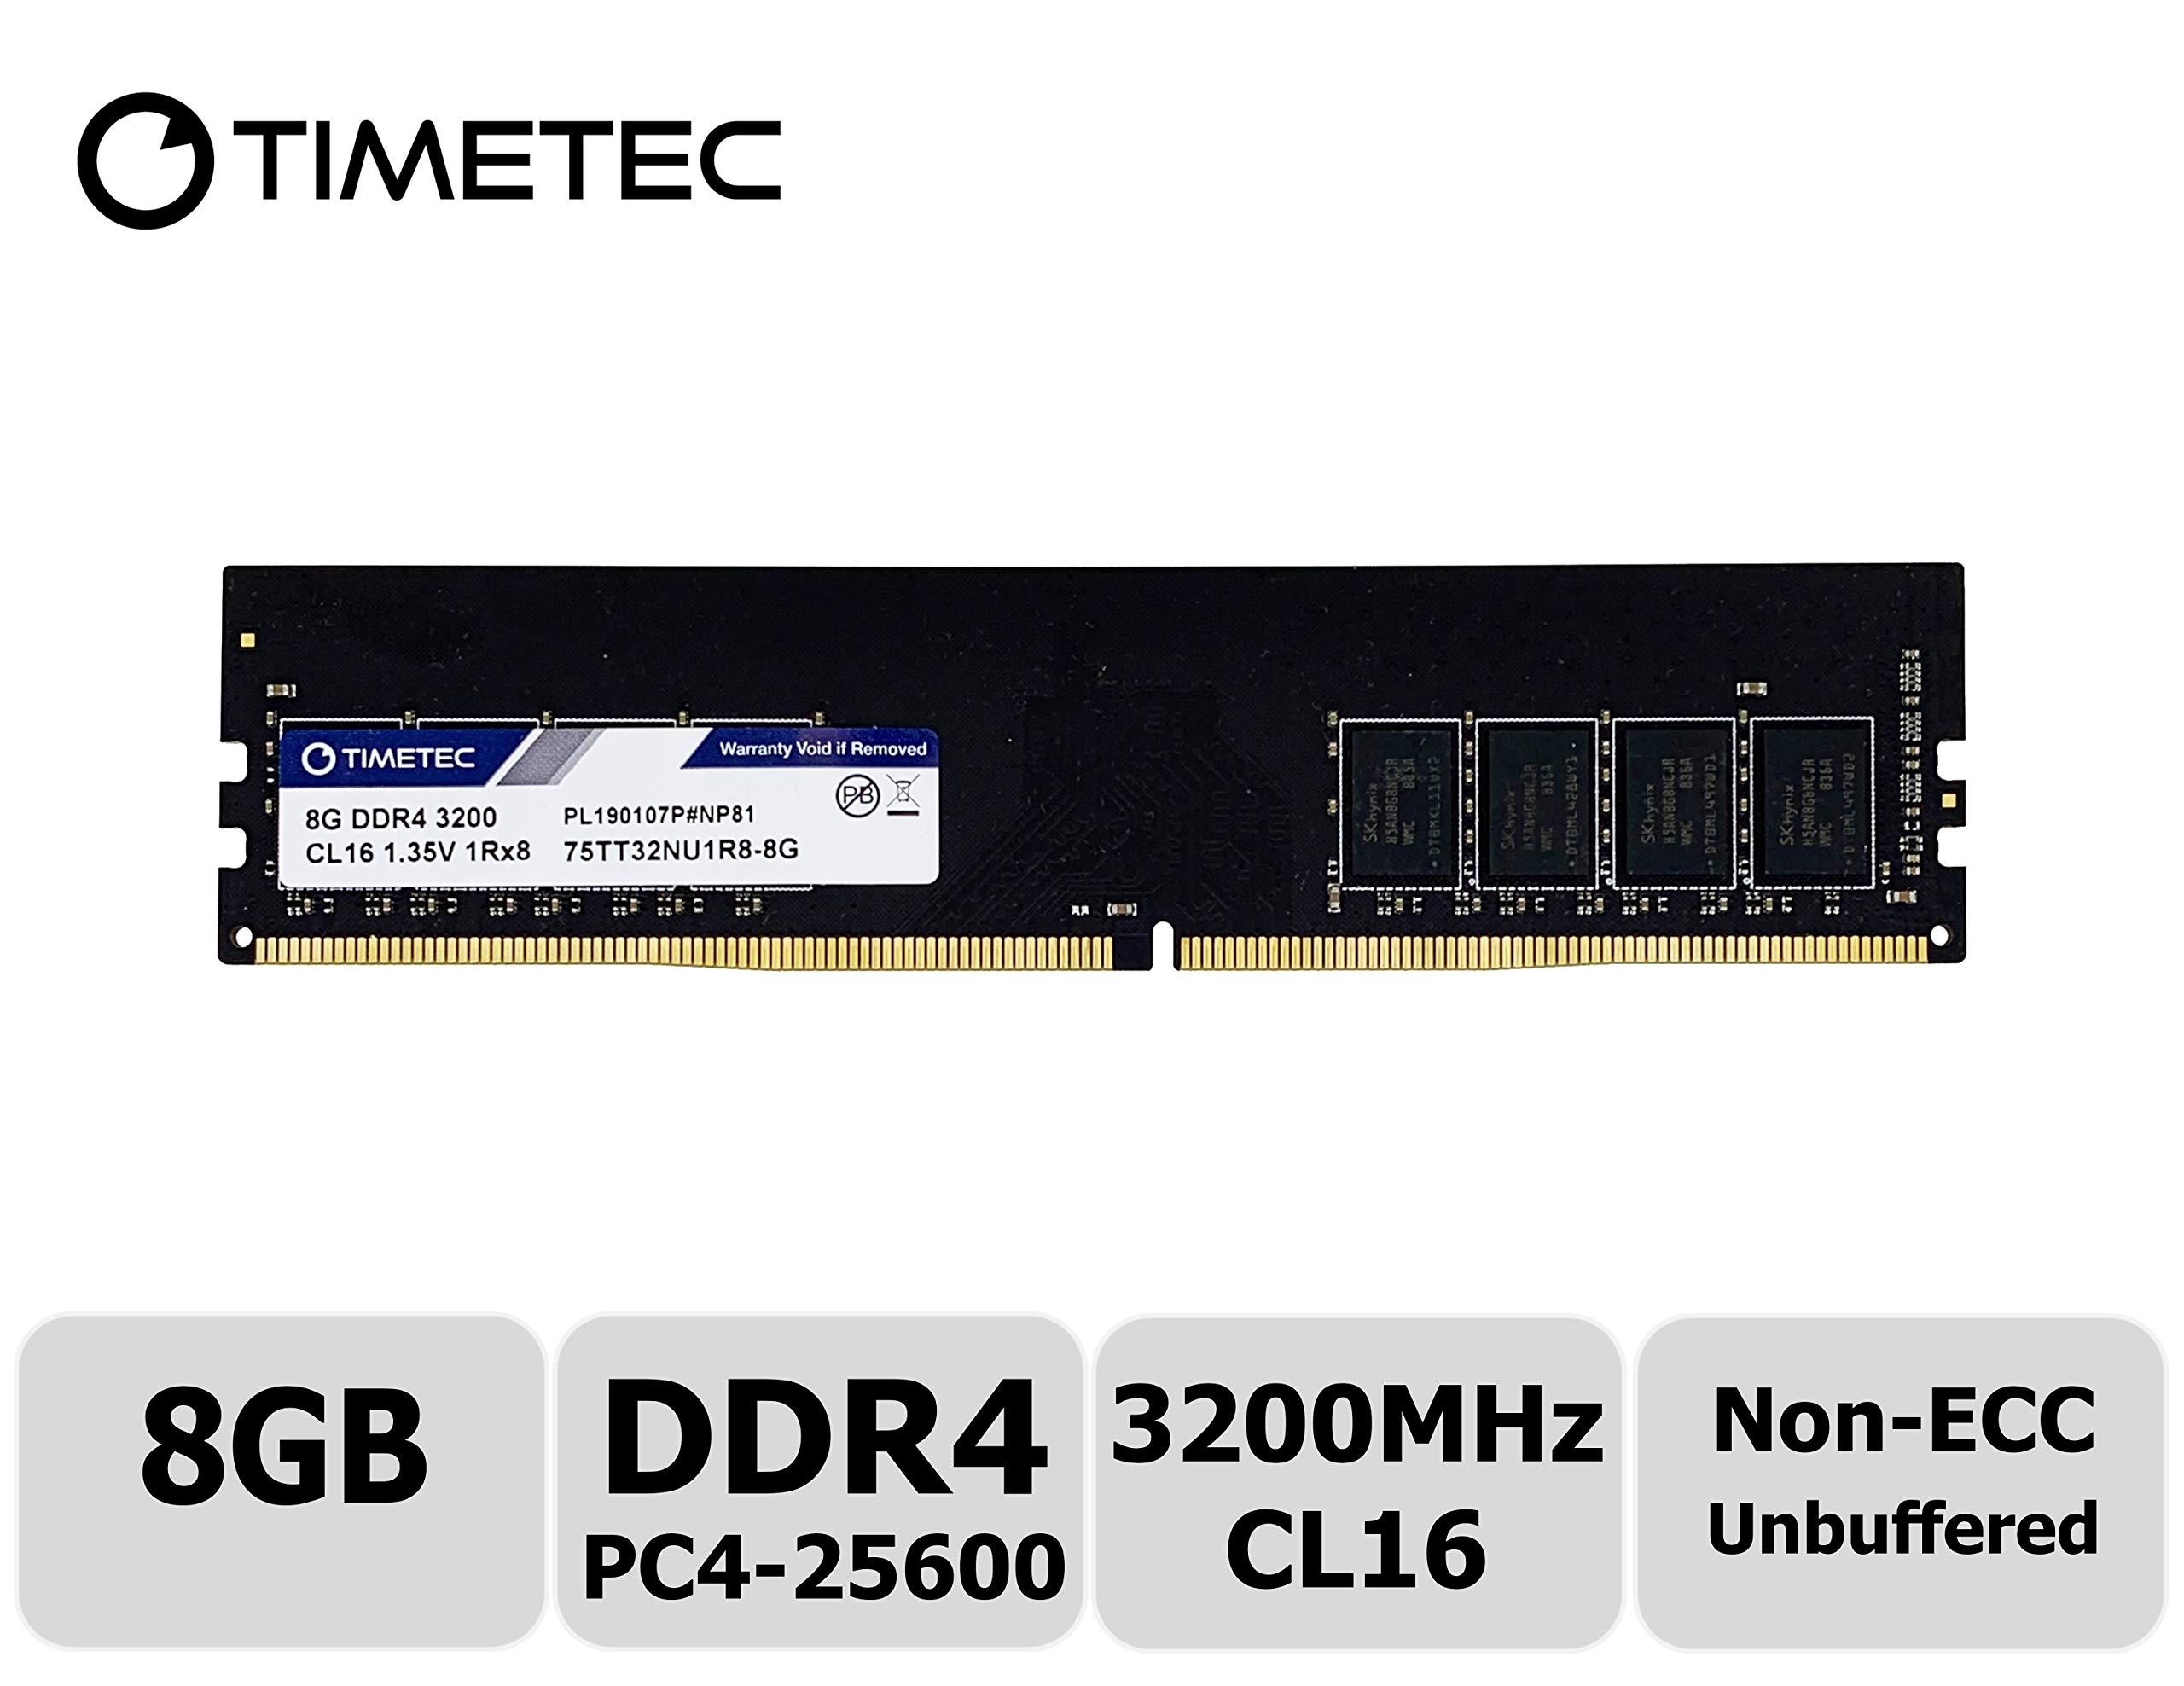 Memoria Ram 8GB DDR4 3200MHZ PC4-25600 TIMETEC